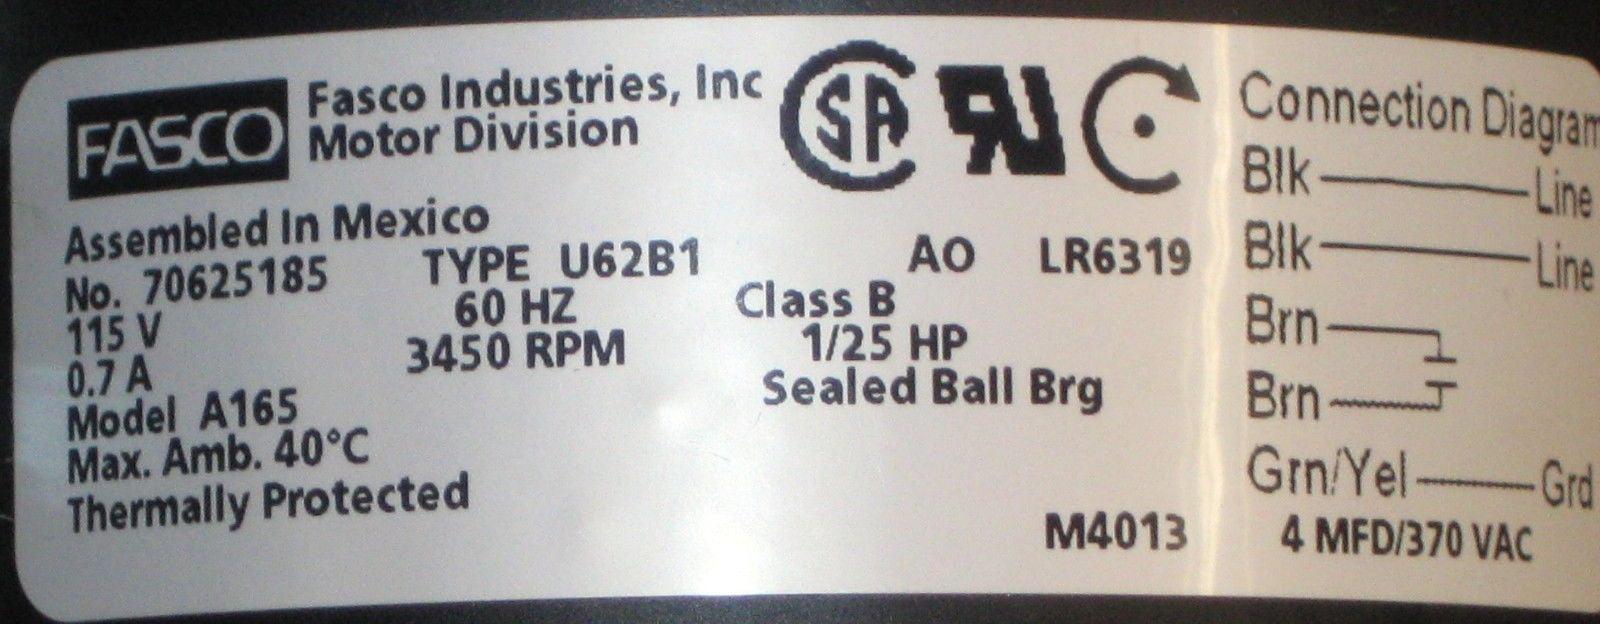 a165 fasco draft inducer motor for york 7062 3958 024 25960 000 rh walmart com U21B Fasco Blower Fasco U64b1